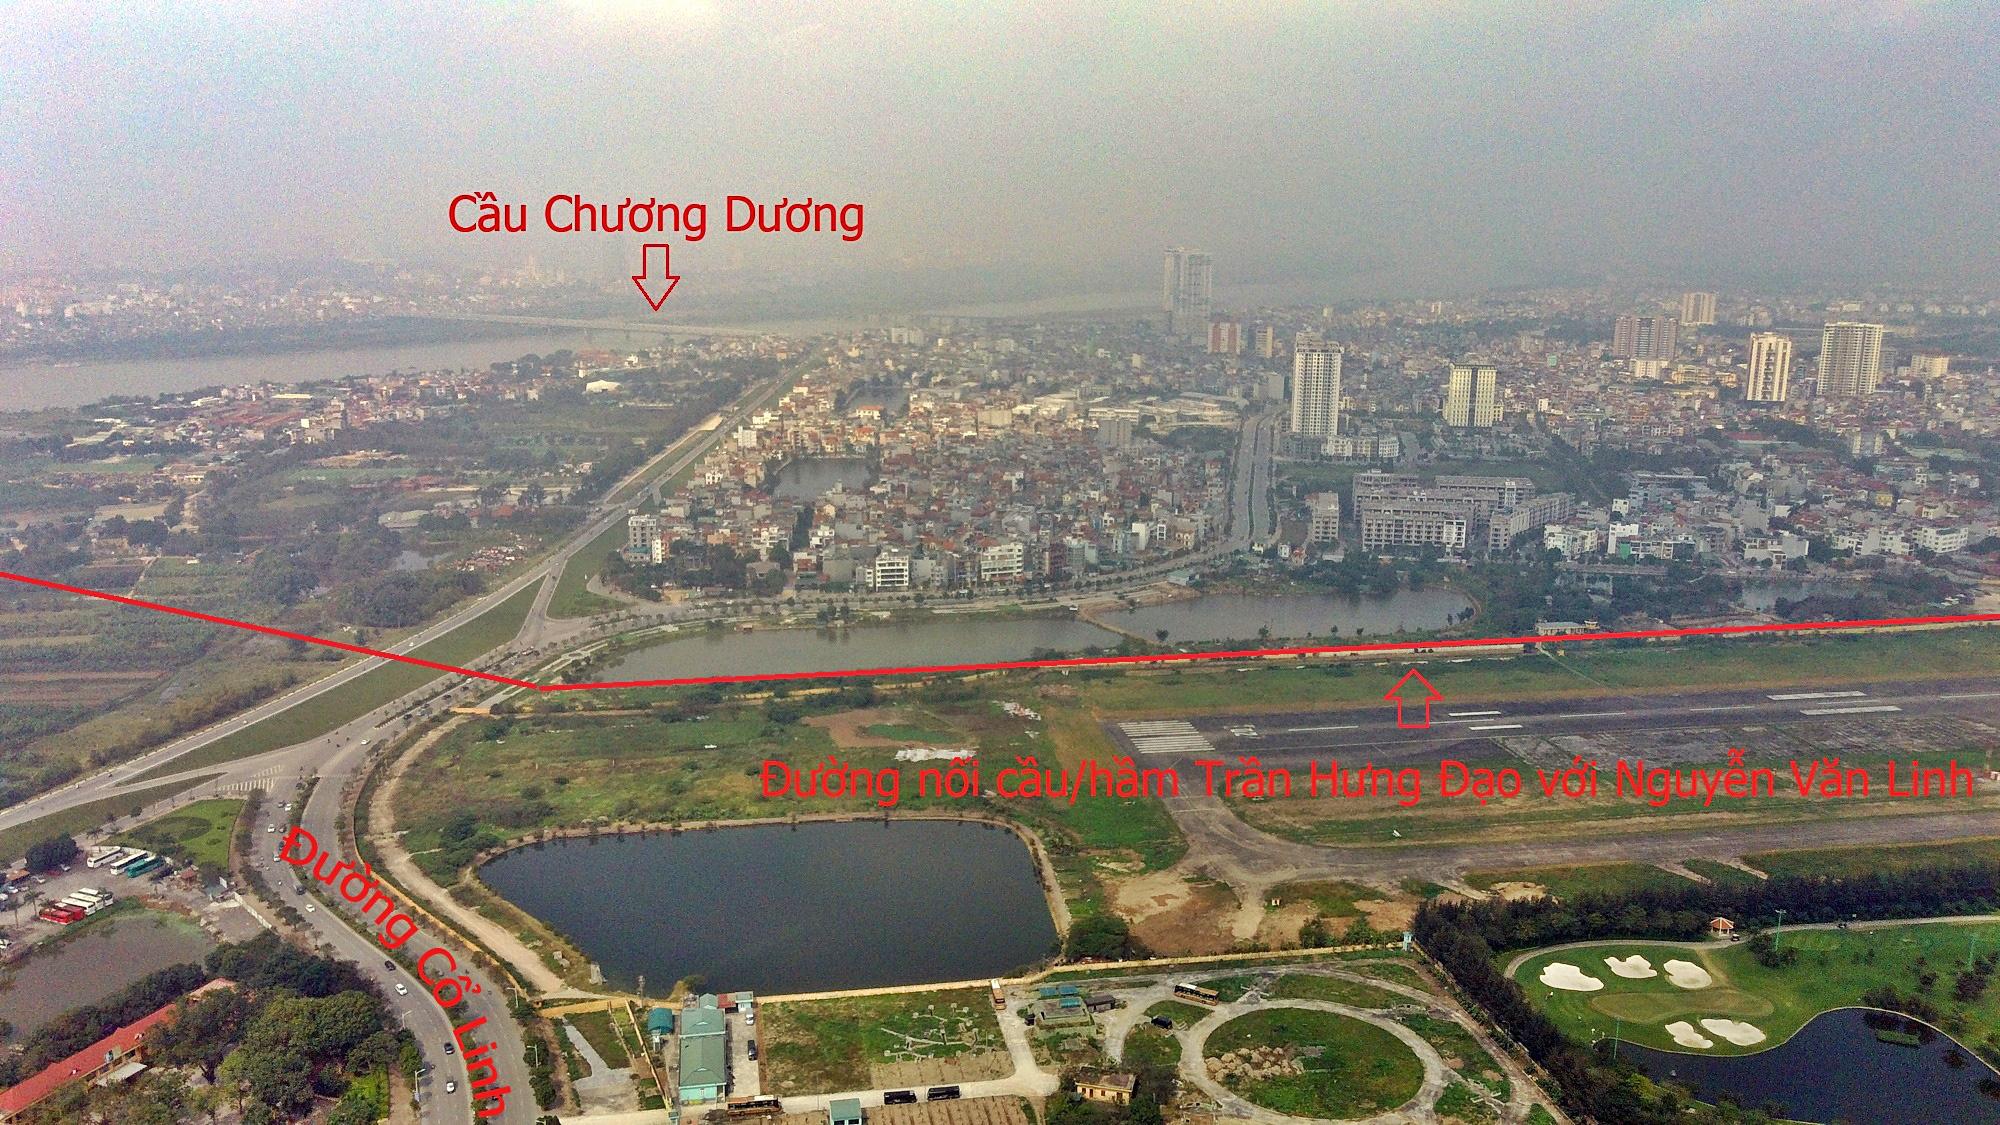 Cầu sẽ mở theo qui hoạch ở Hà Nội: Toàn cảnh cầu/hầm Trần Hưng Đạo nối quận Hoàn Kiếm - Long Biên - Ảnh 13.